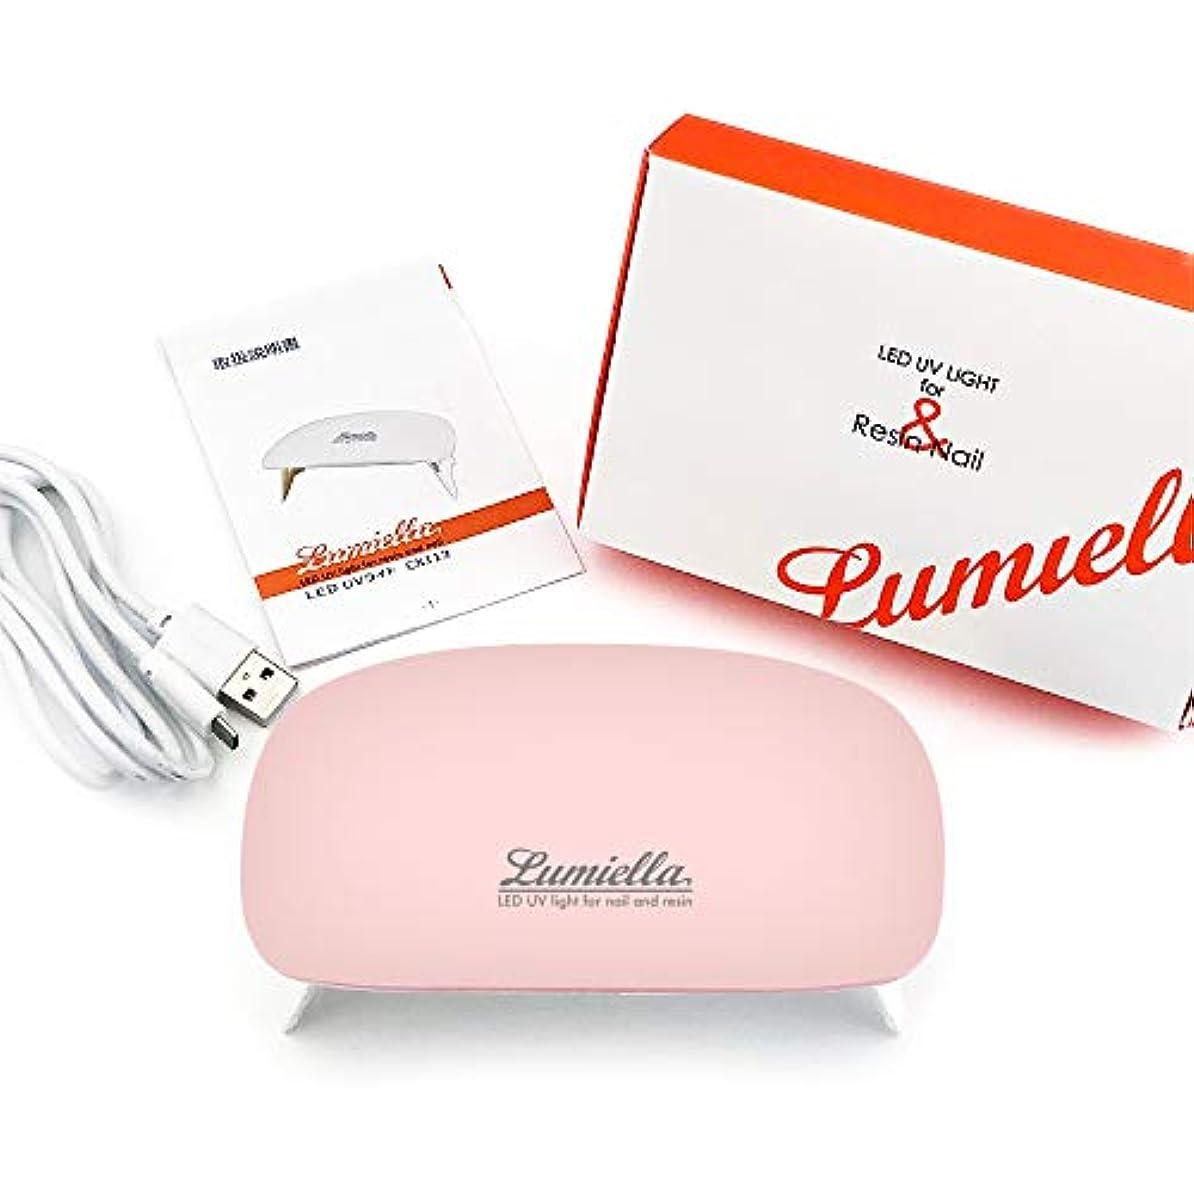 実現可能性設計図彼女の【リュミエラ】【CX113】UV LED ライト ネイル レジン クラフト コンパクト LEDライト UVライト ネイルドライヤー タイマー付き 折りたたみ式 【ピンク】